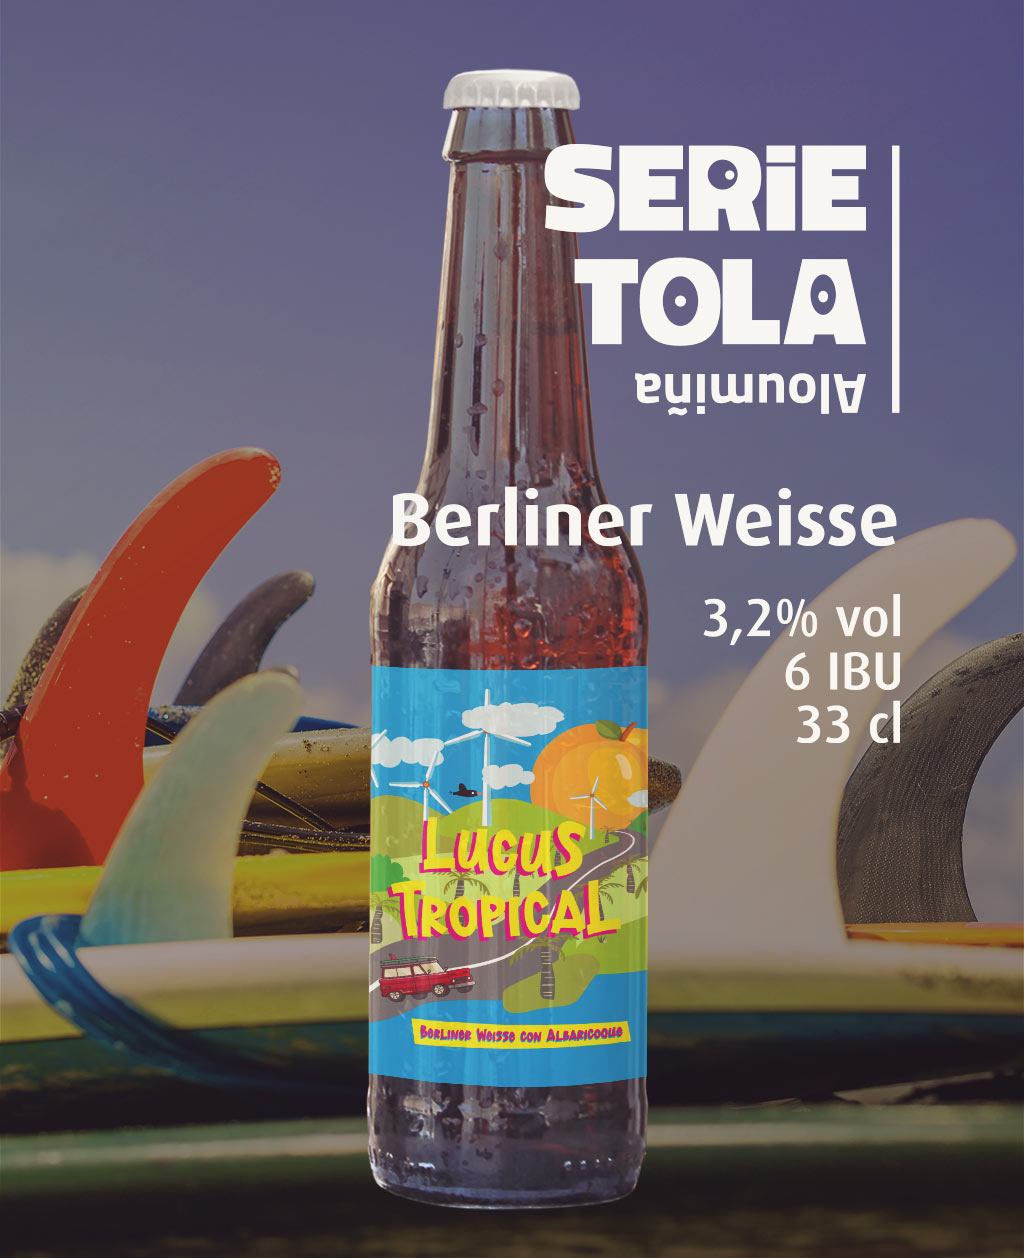 aloumina-cervexa-artesana-craft-beer-caja-variada-serietola-frikisatope-lucustropical-1024×1268-000